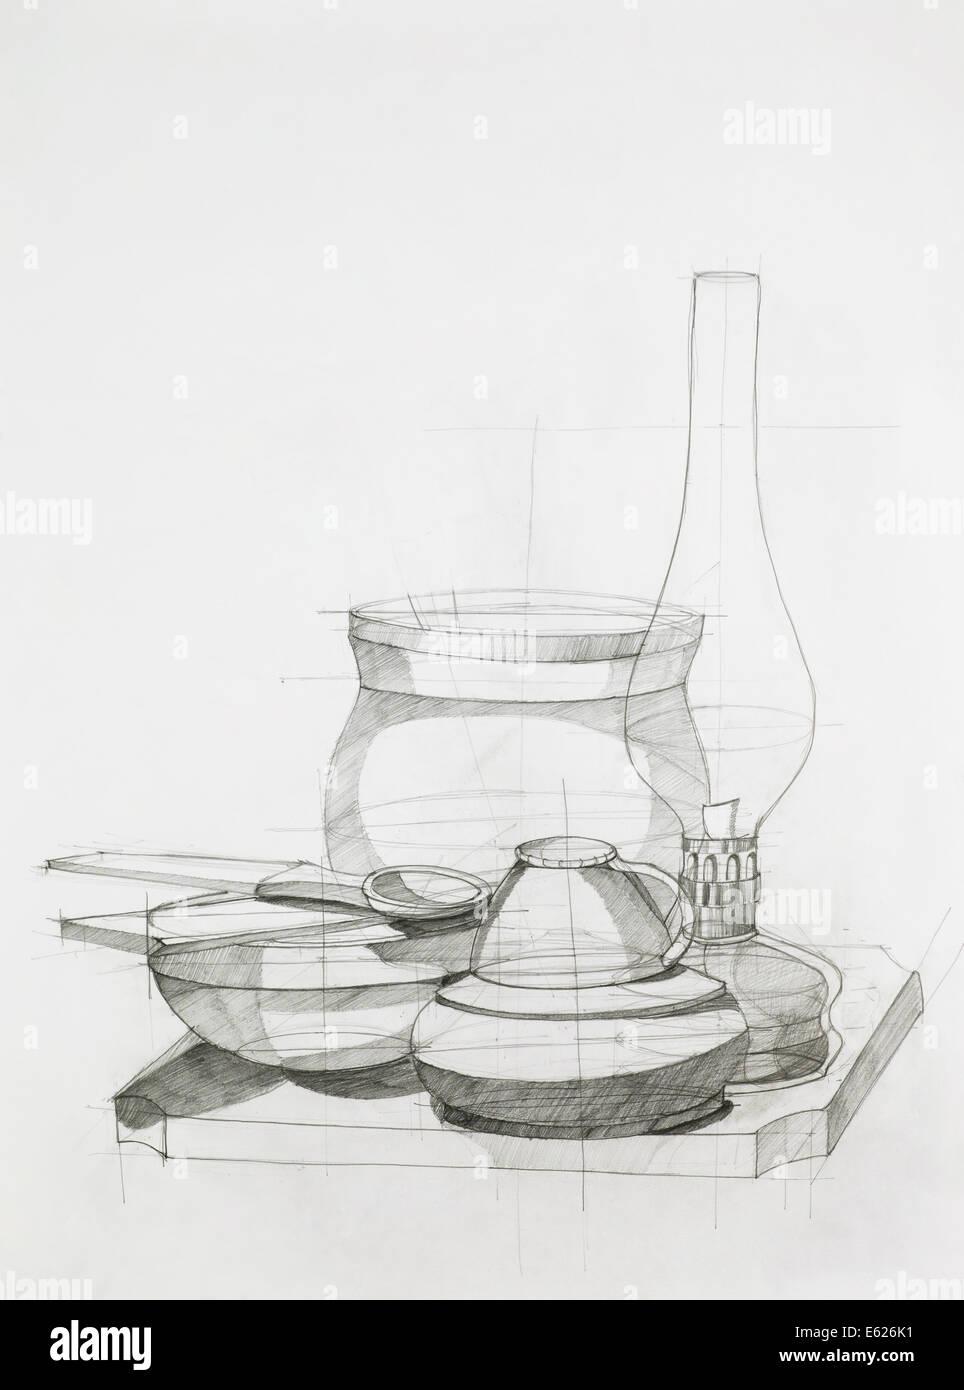 Dibujados a mano estudio artístico de composición con objetos Imagen De Stock